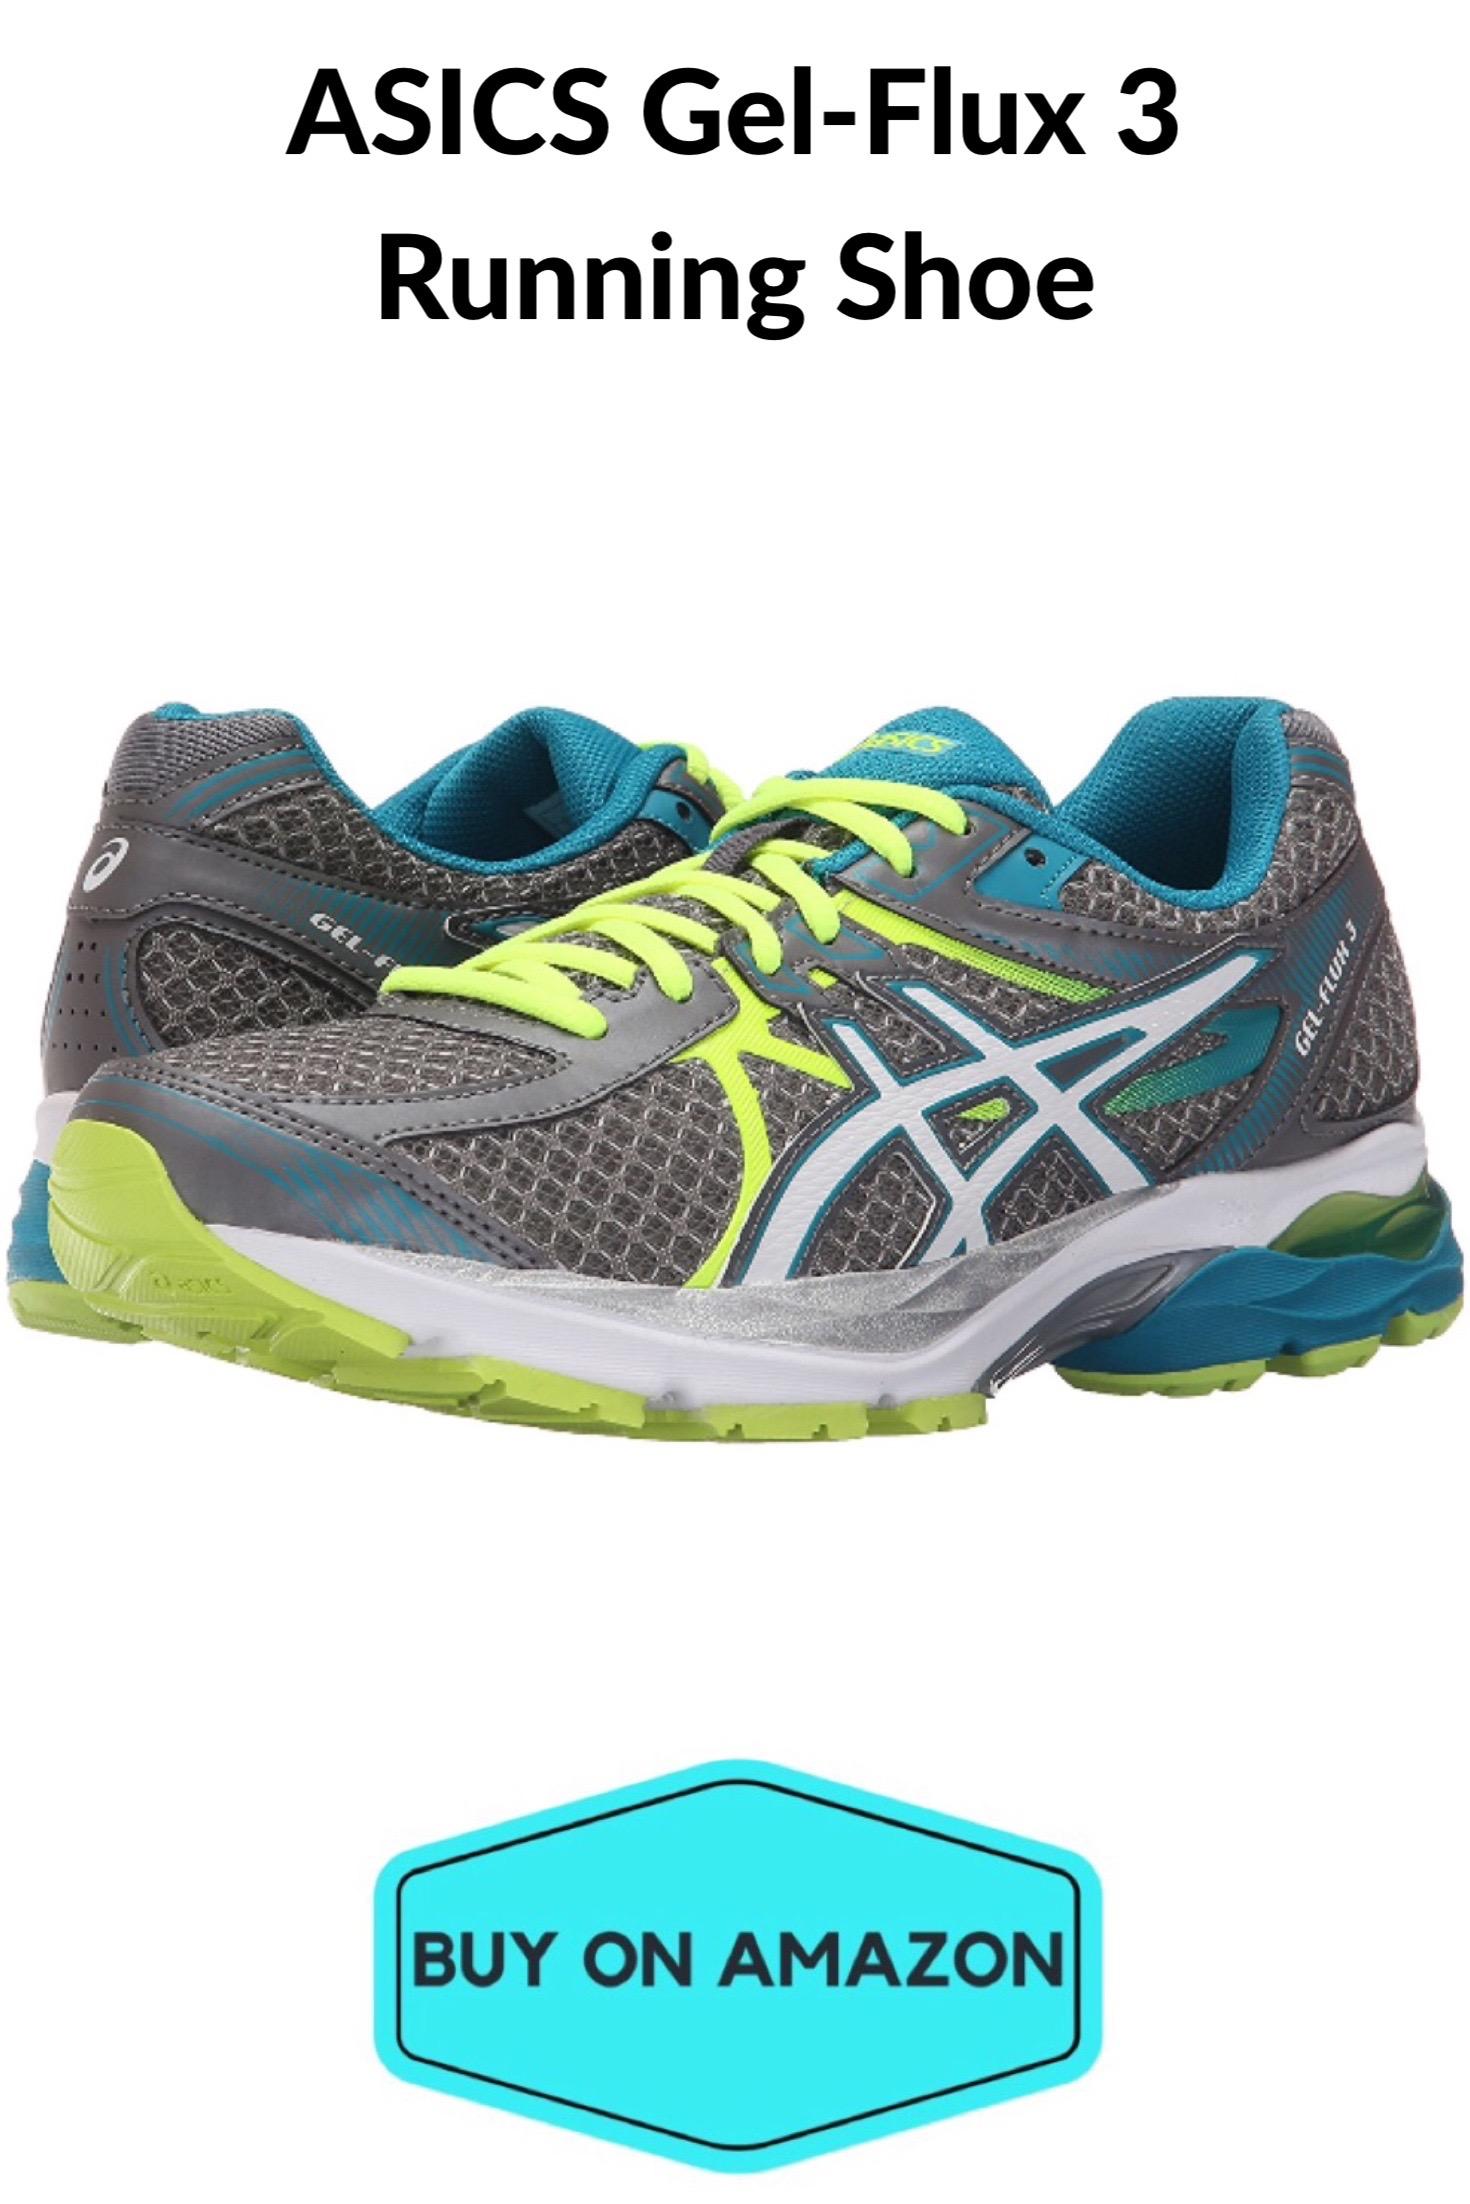 ASICS Gel-Flux 3 Women's Running Shoe